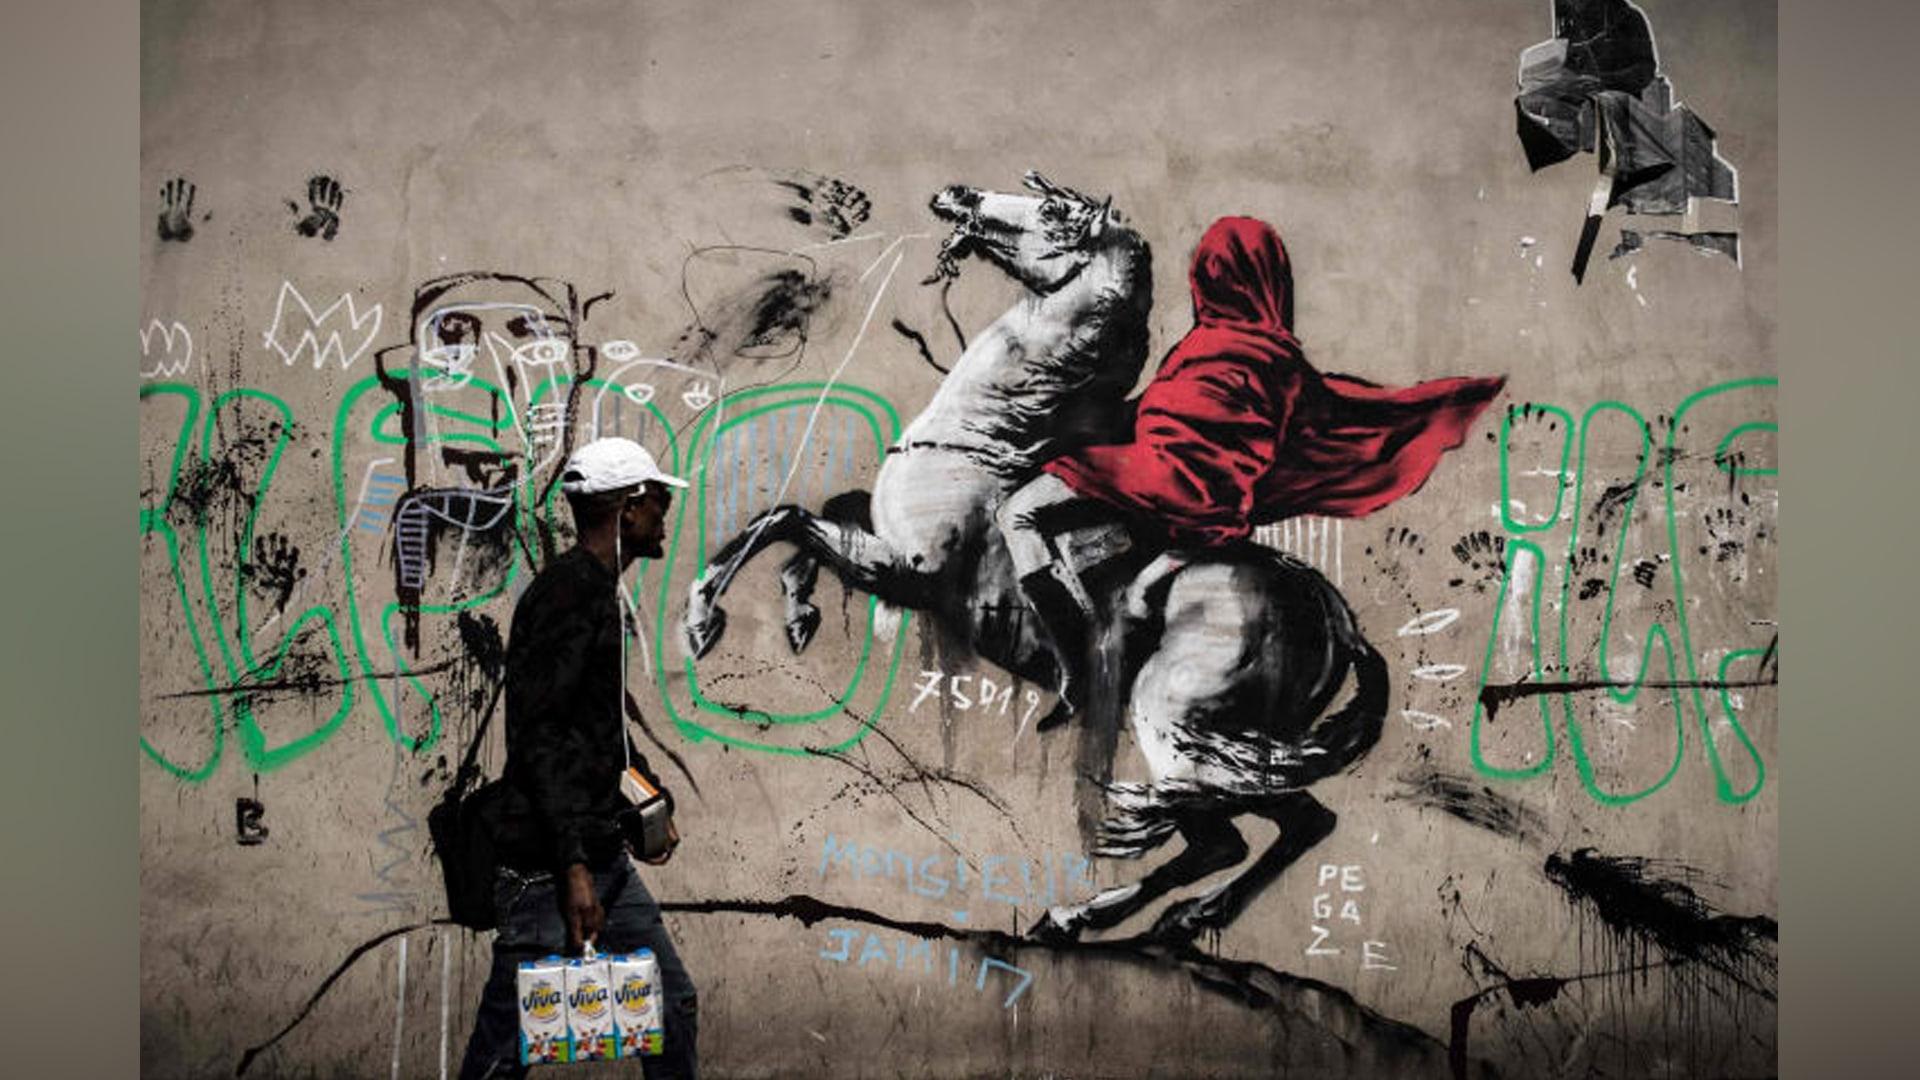 رسومات بانكسي الجديدة بشوارع باريس..تلقي الضوء على أزمة اللاجئين